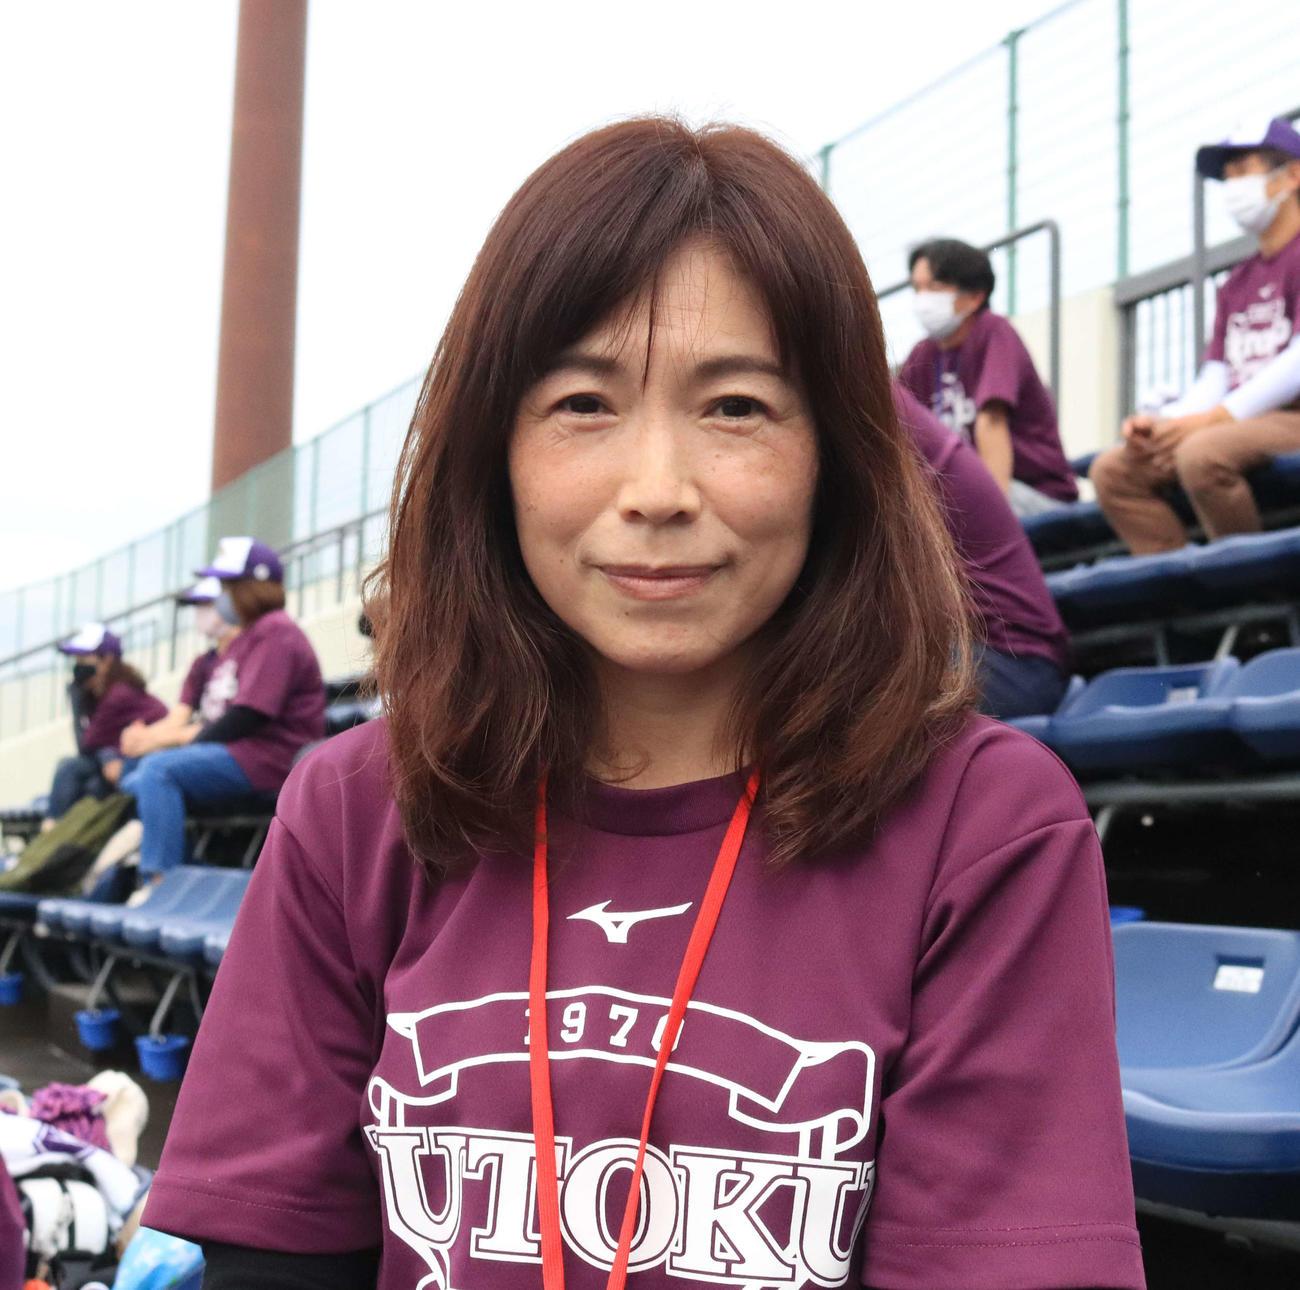 応援に訪れた樹徳・茂木豪汰の母友子さん(撮影・小早川宗一郎)